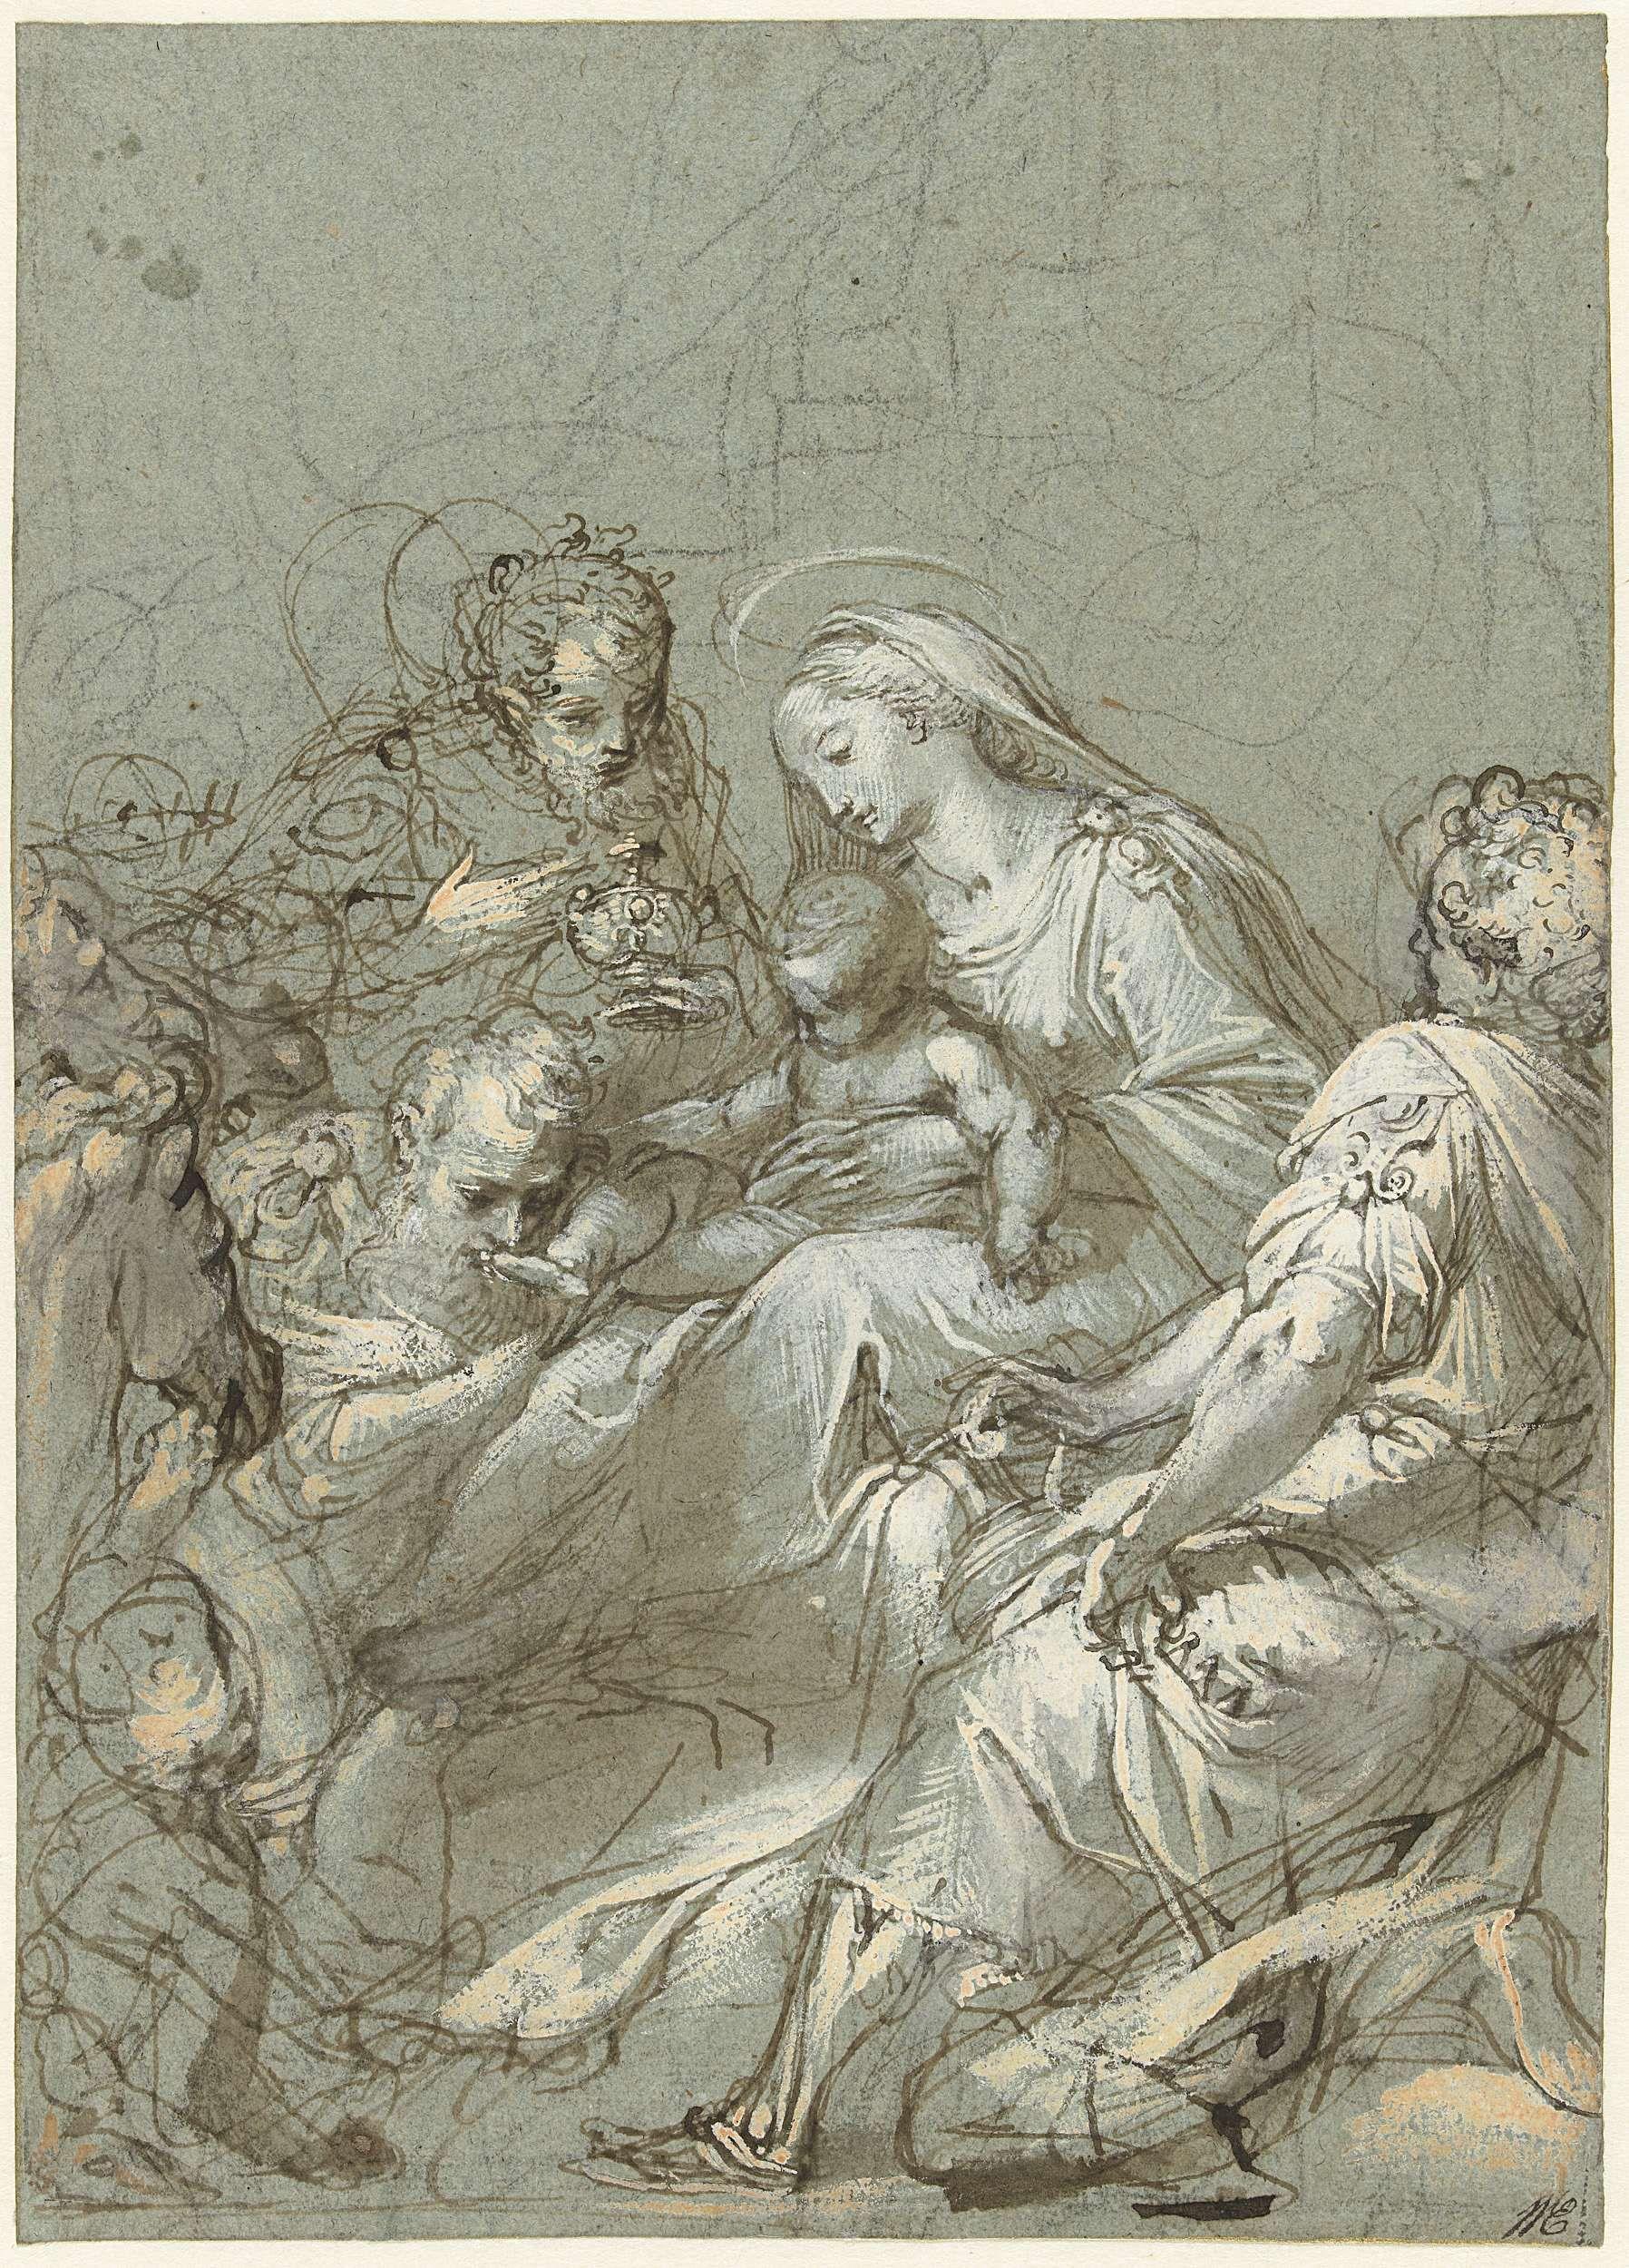 Federico Barocci - Aanbidding der koningen, 1545 - 1612; zwart krijt, pen in bruin, penseel in bruin, wit en lichtgeel op blauw papier, h 293mm × b 209mm. Rijksmuseum, Amsterdam.